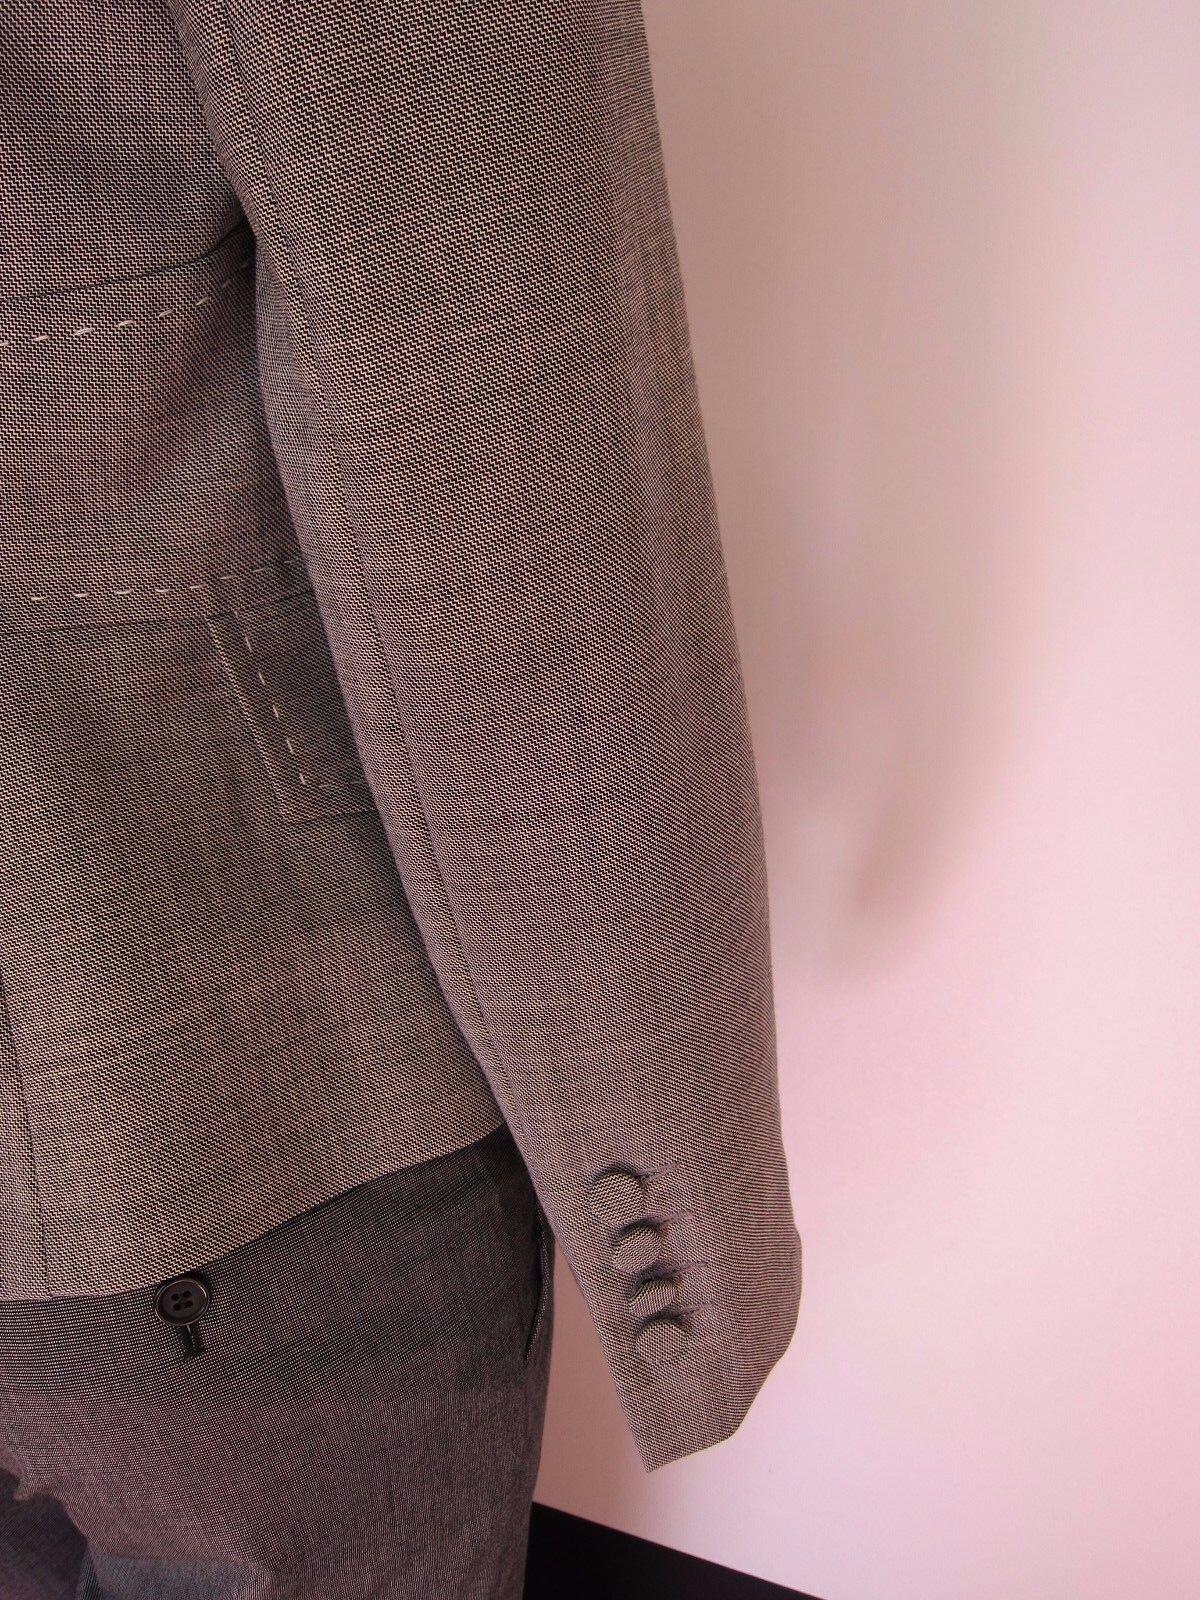 Coast giacca aderente, aderente, aderente, taglia 12, nuovo con etichetta, cartellino prezzo 784ada